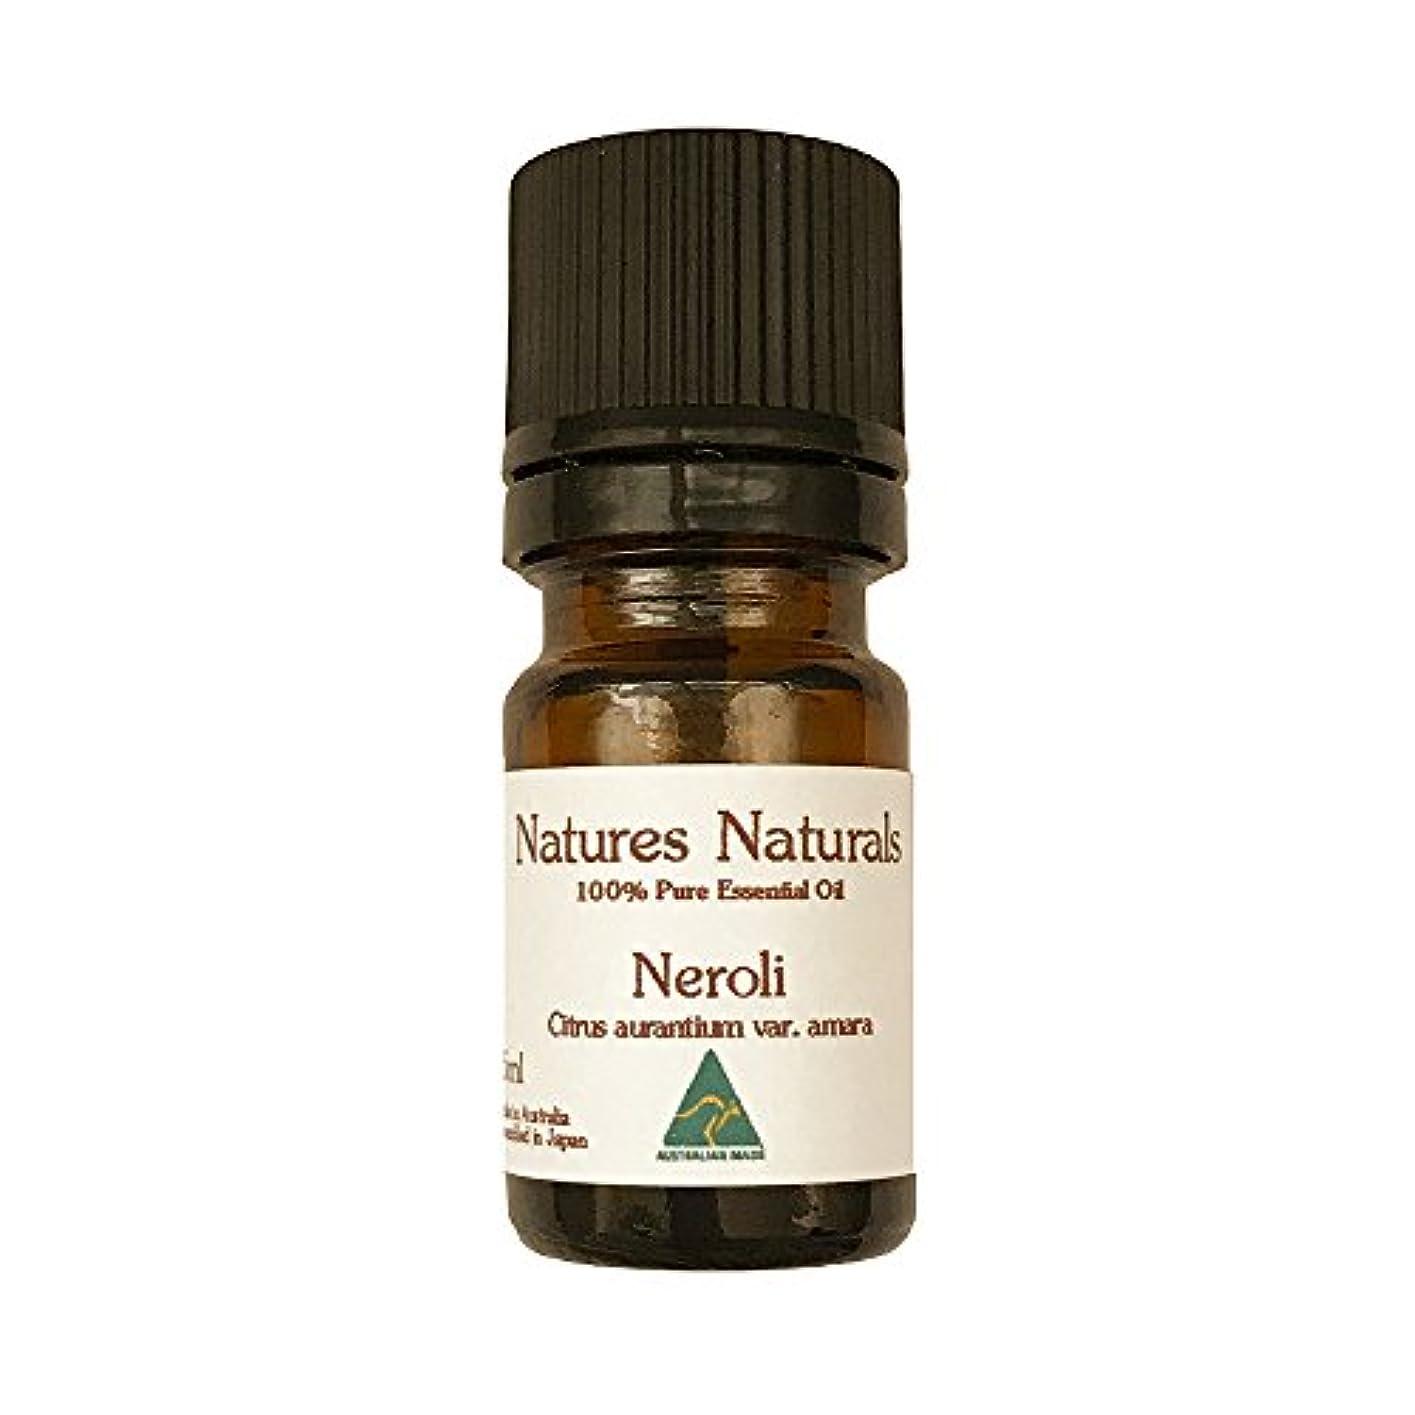 グローブ歌手オーナメントネロリ 100% 天然精油 エッセンシャルオイル 5ml イタリア産ネロリ pure neroli essential oil